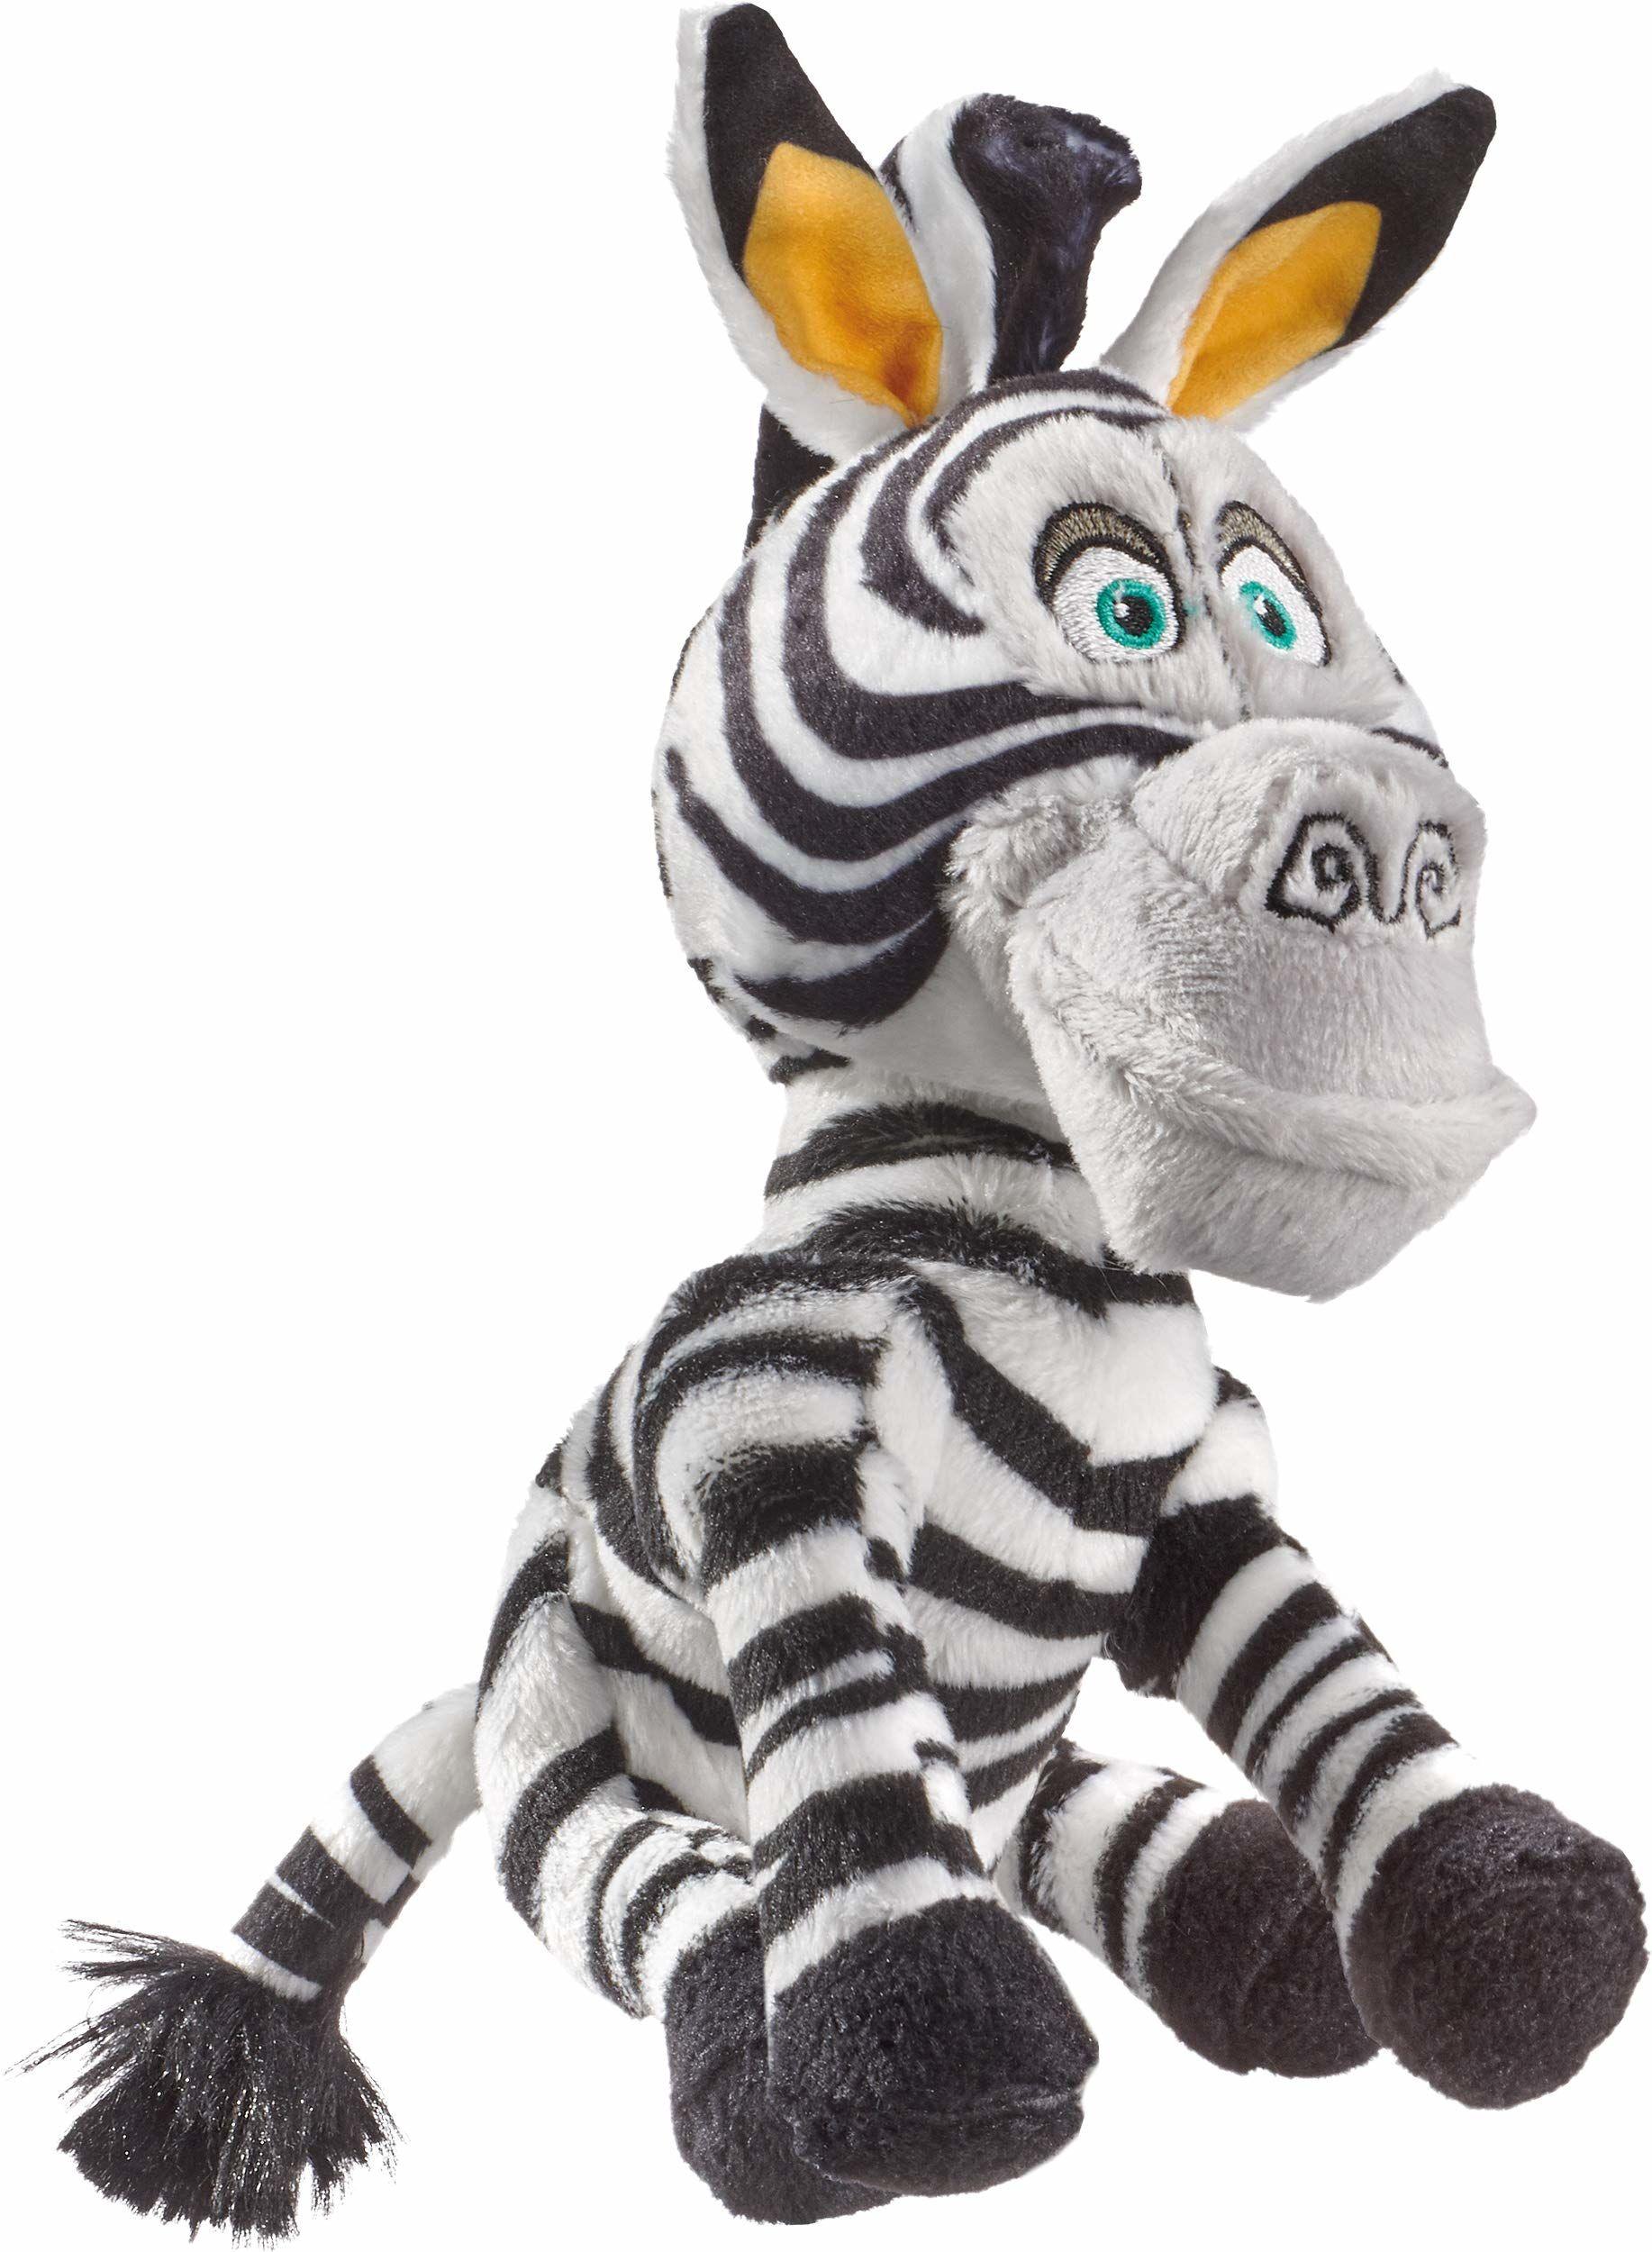 Schmidt Spiele 42709 DreamWorks Madagascar, Marty, pluszowa figurka zebra, mała, 18 cm, kolorowa